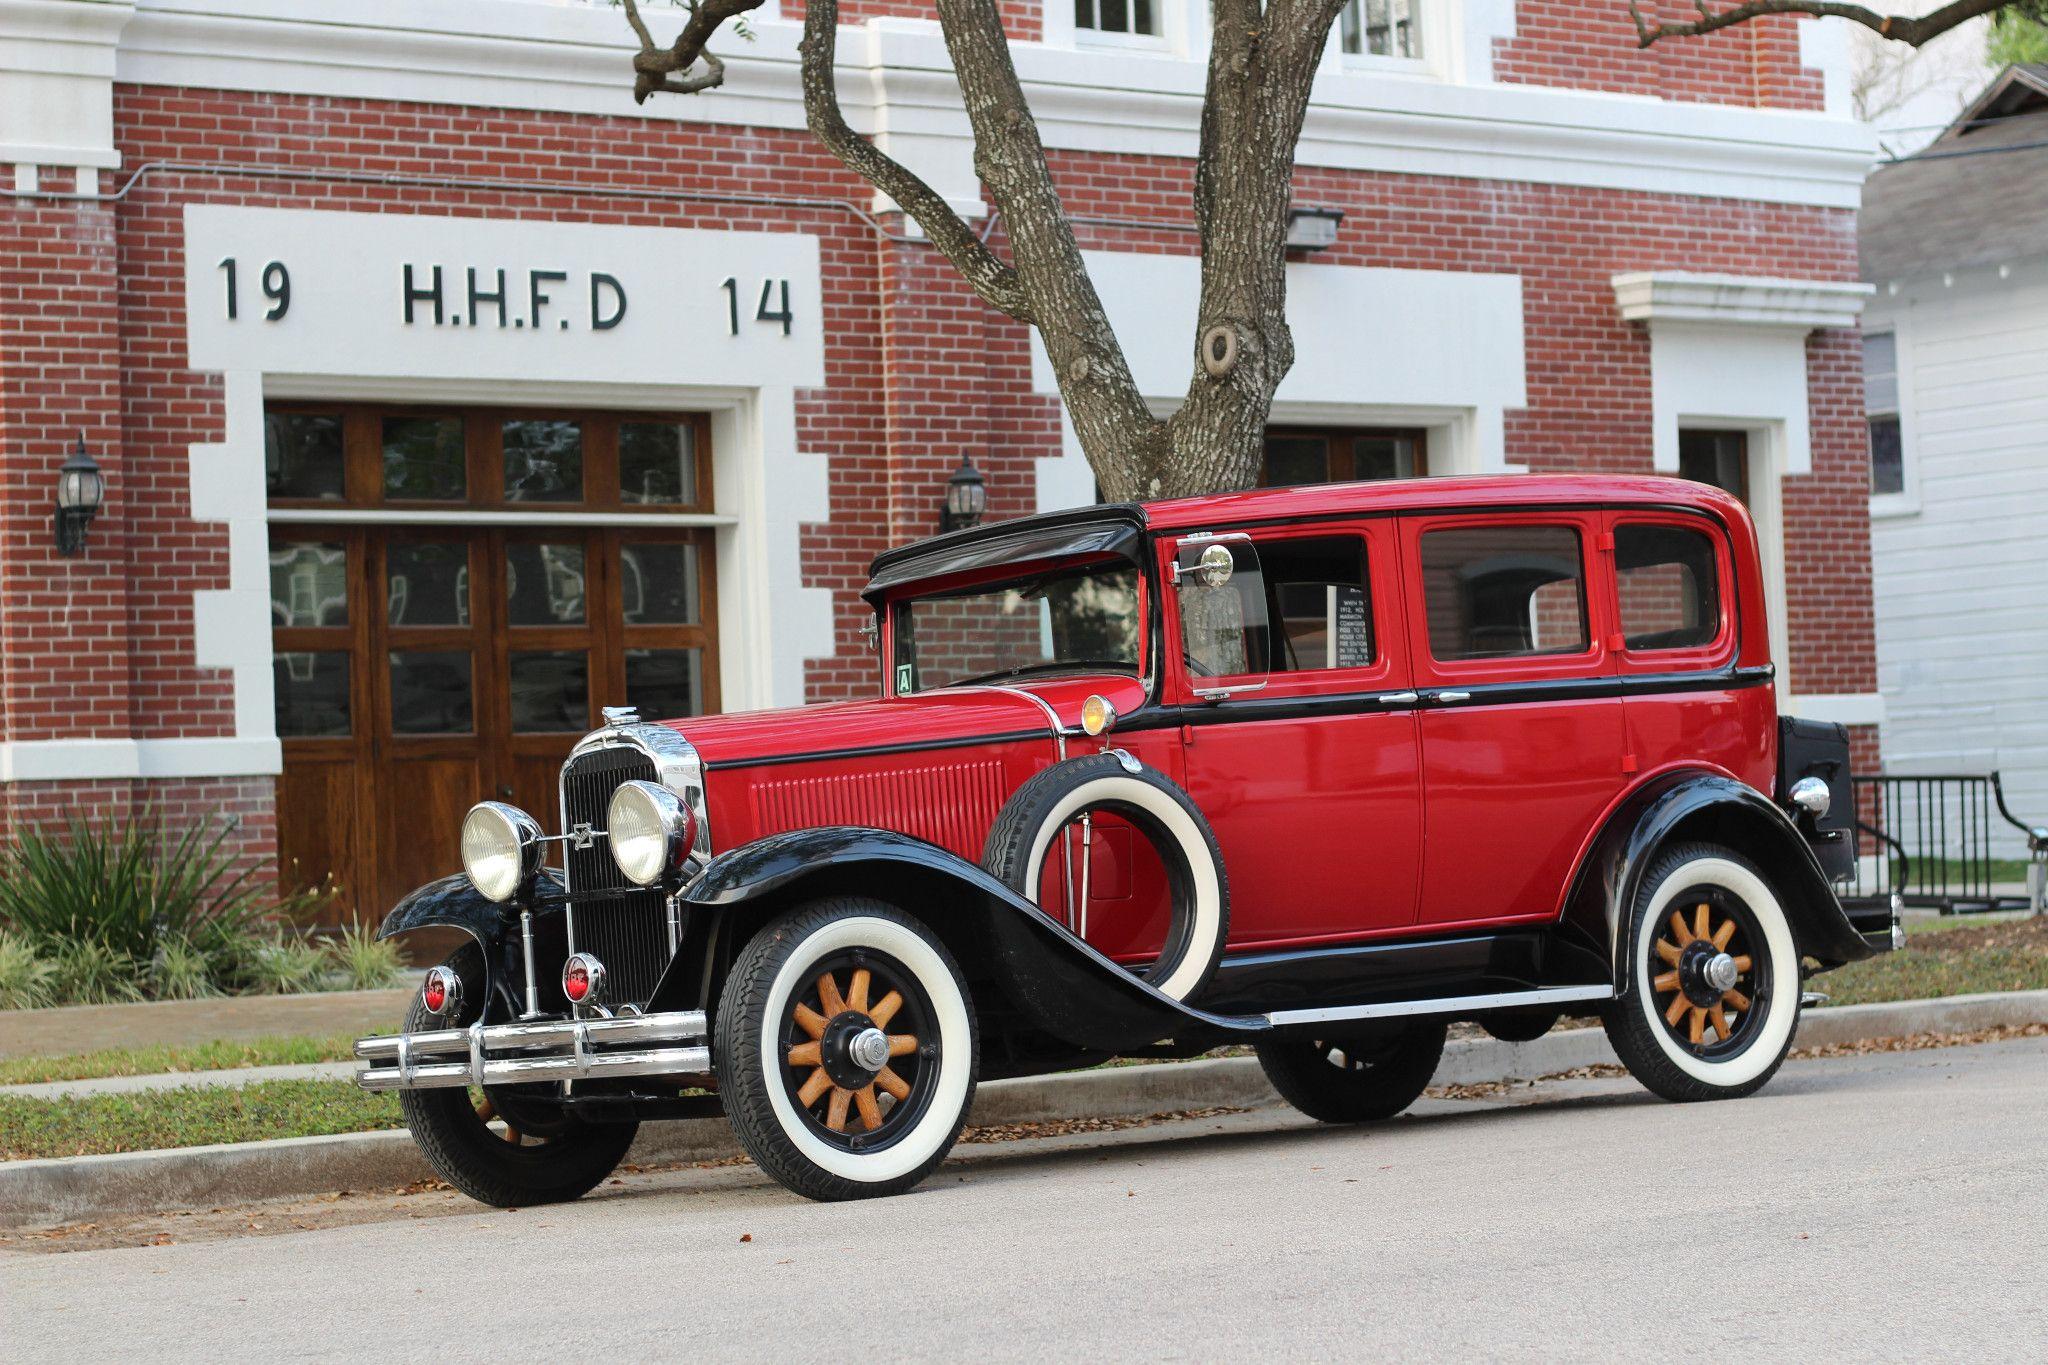 1931 Buick Model 8-57 | Motor City Girl | Pinterest | Buick ...